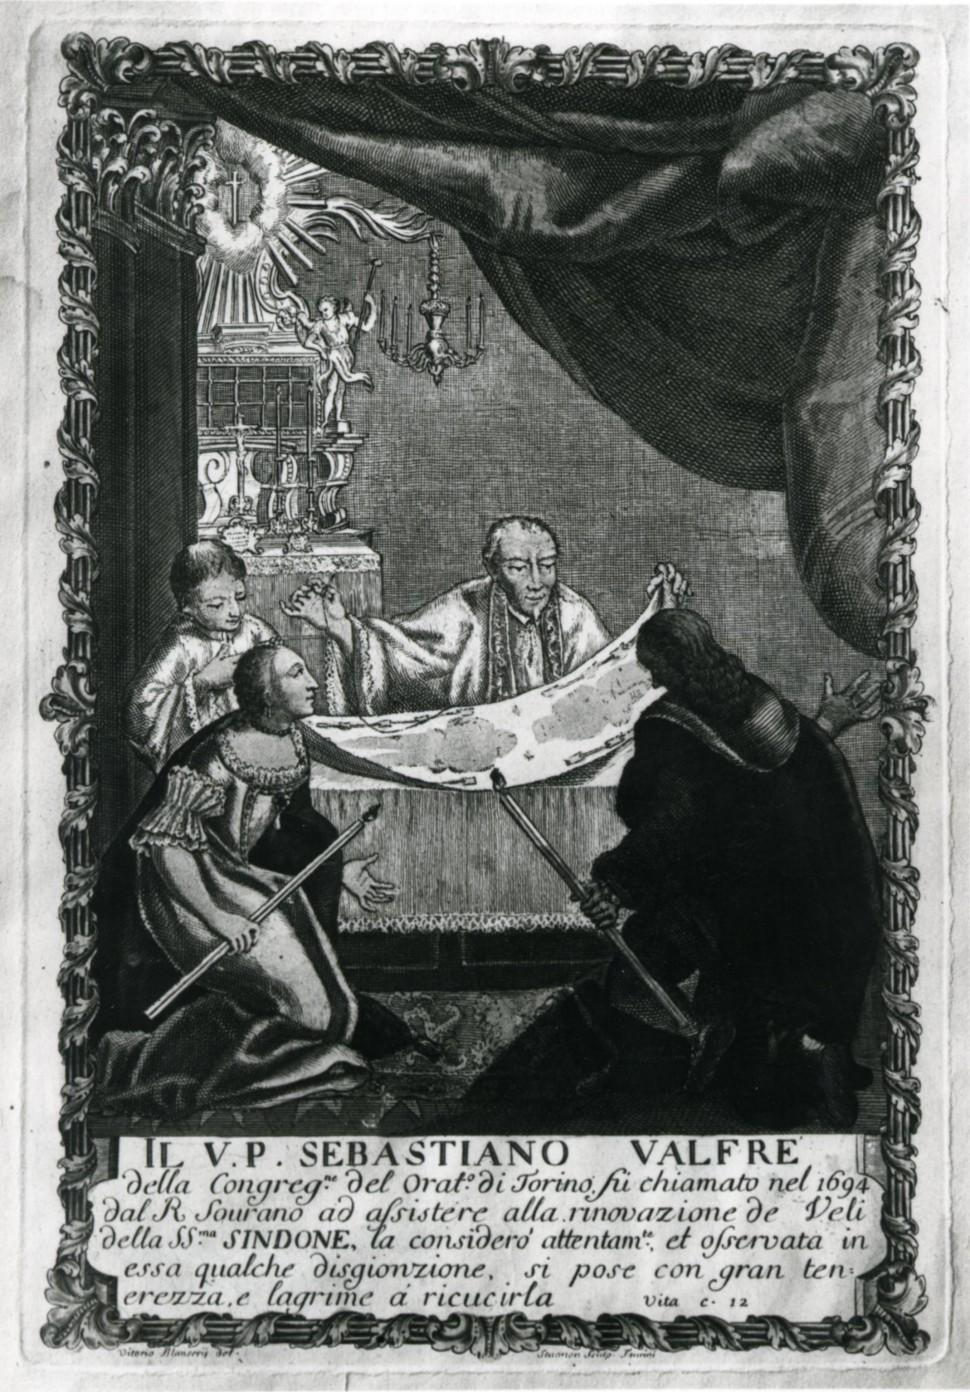 <B>TORINO. Il Beato Sebastiano Valfrè venera la Sindone. </B>